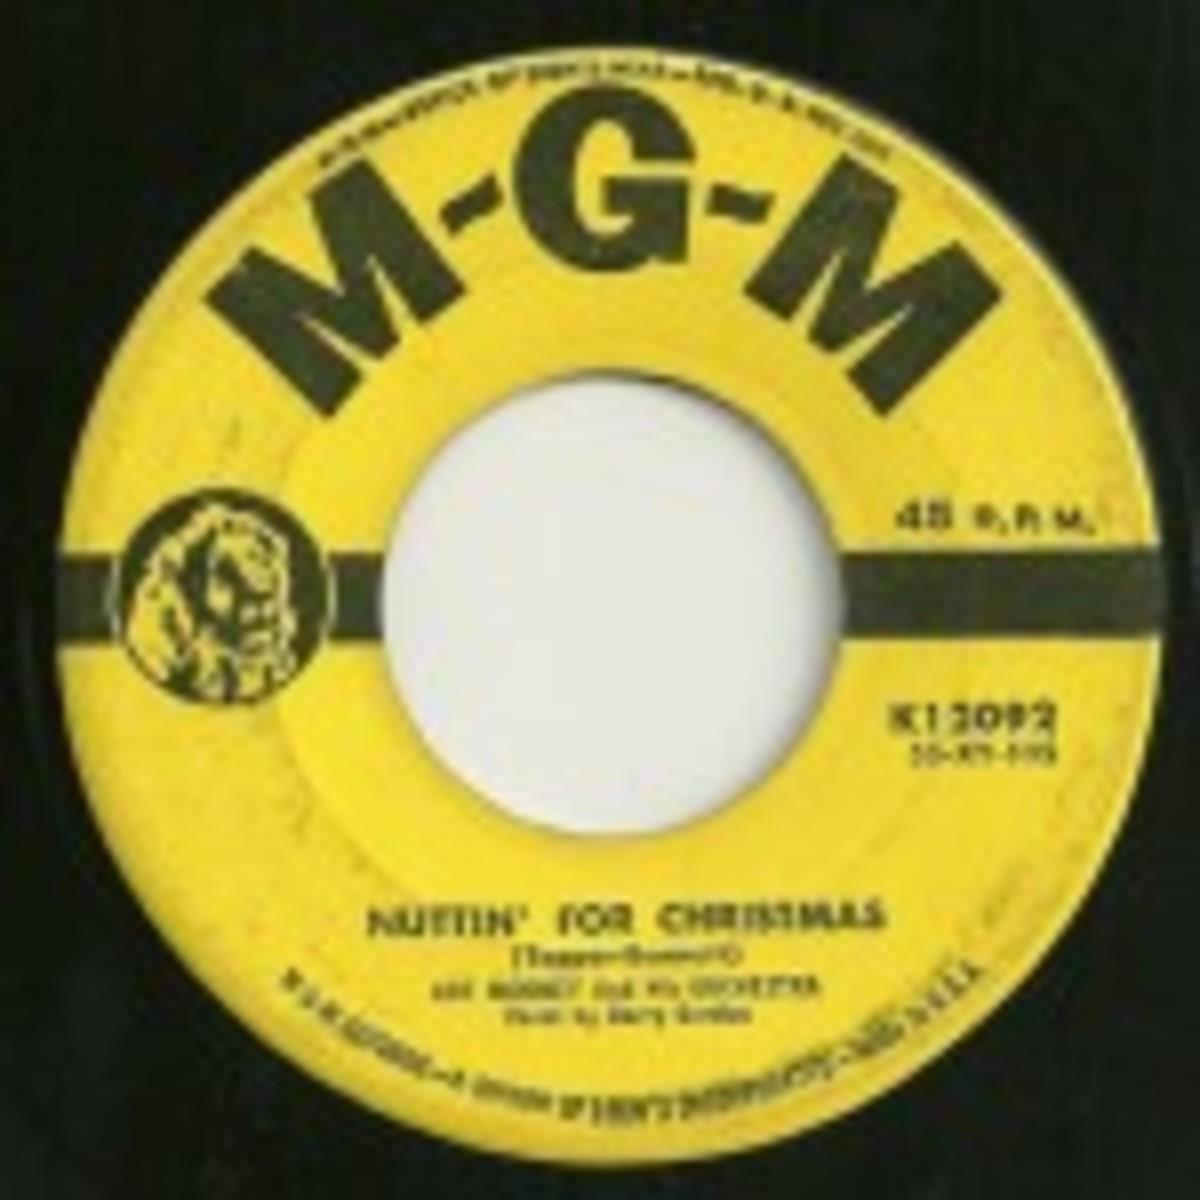 Nuttin' For Christmas Barry Gordon